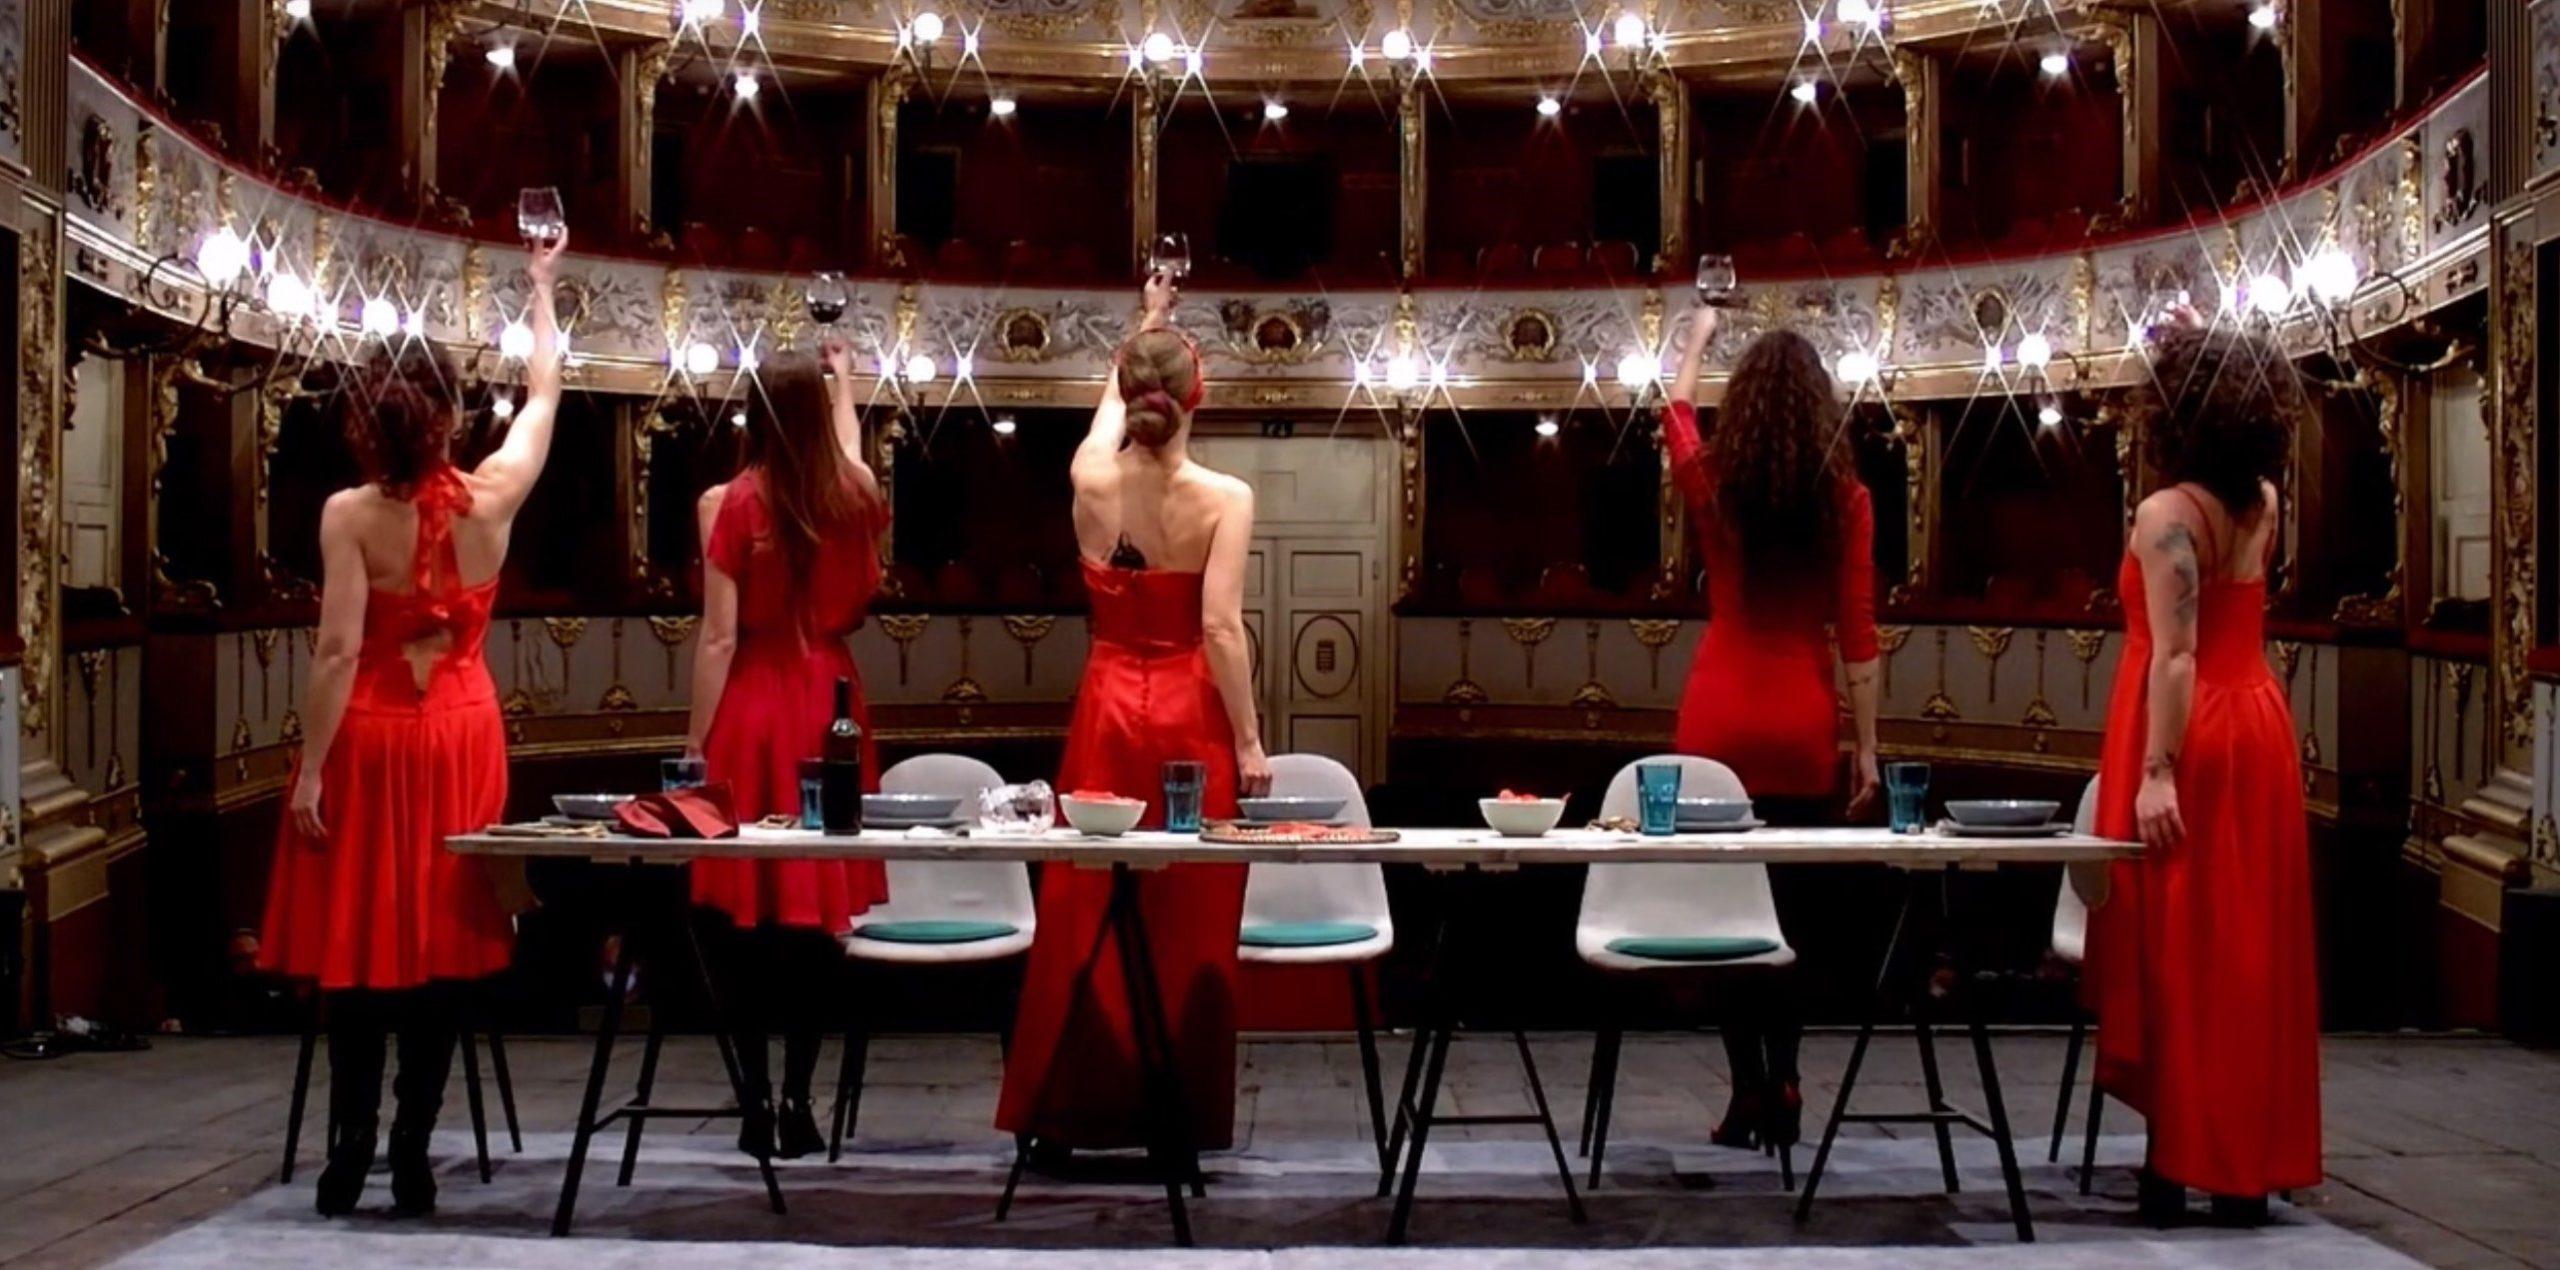 NON TUTTI SANNO CHE... di Elisa Barucchieri con ResExtensa Dance Company